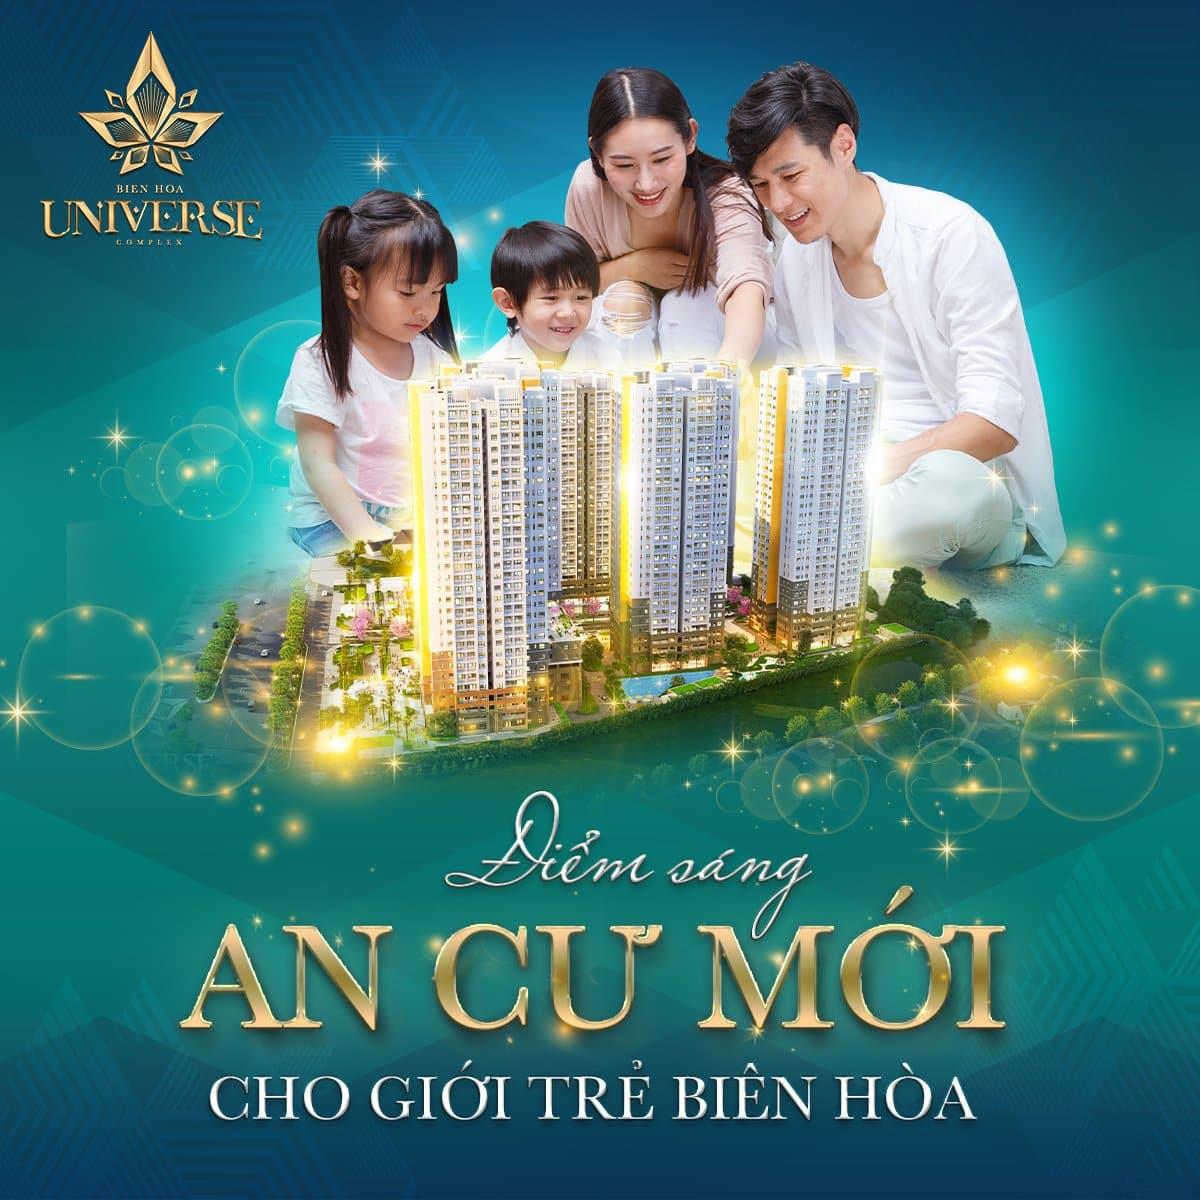 Điểm sáng an cư mới cho giới trẻ tại Biên Hòa